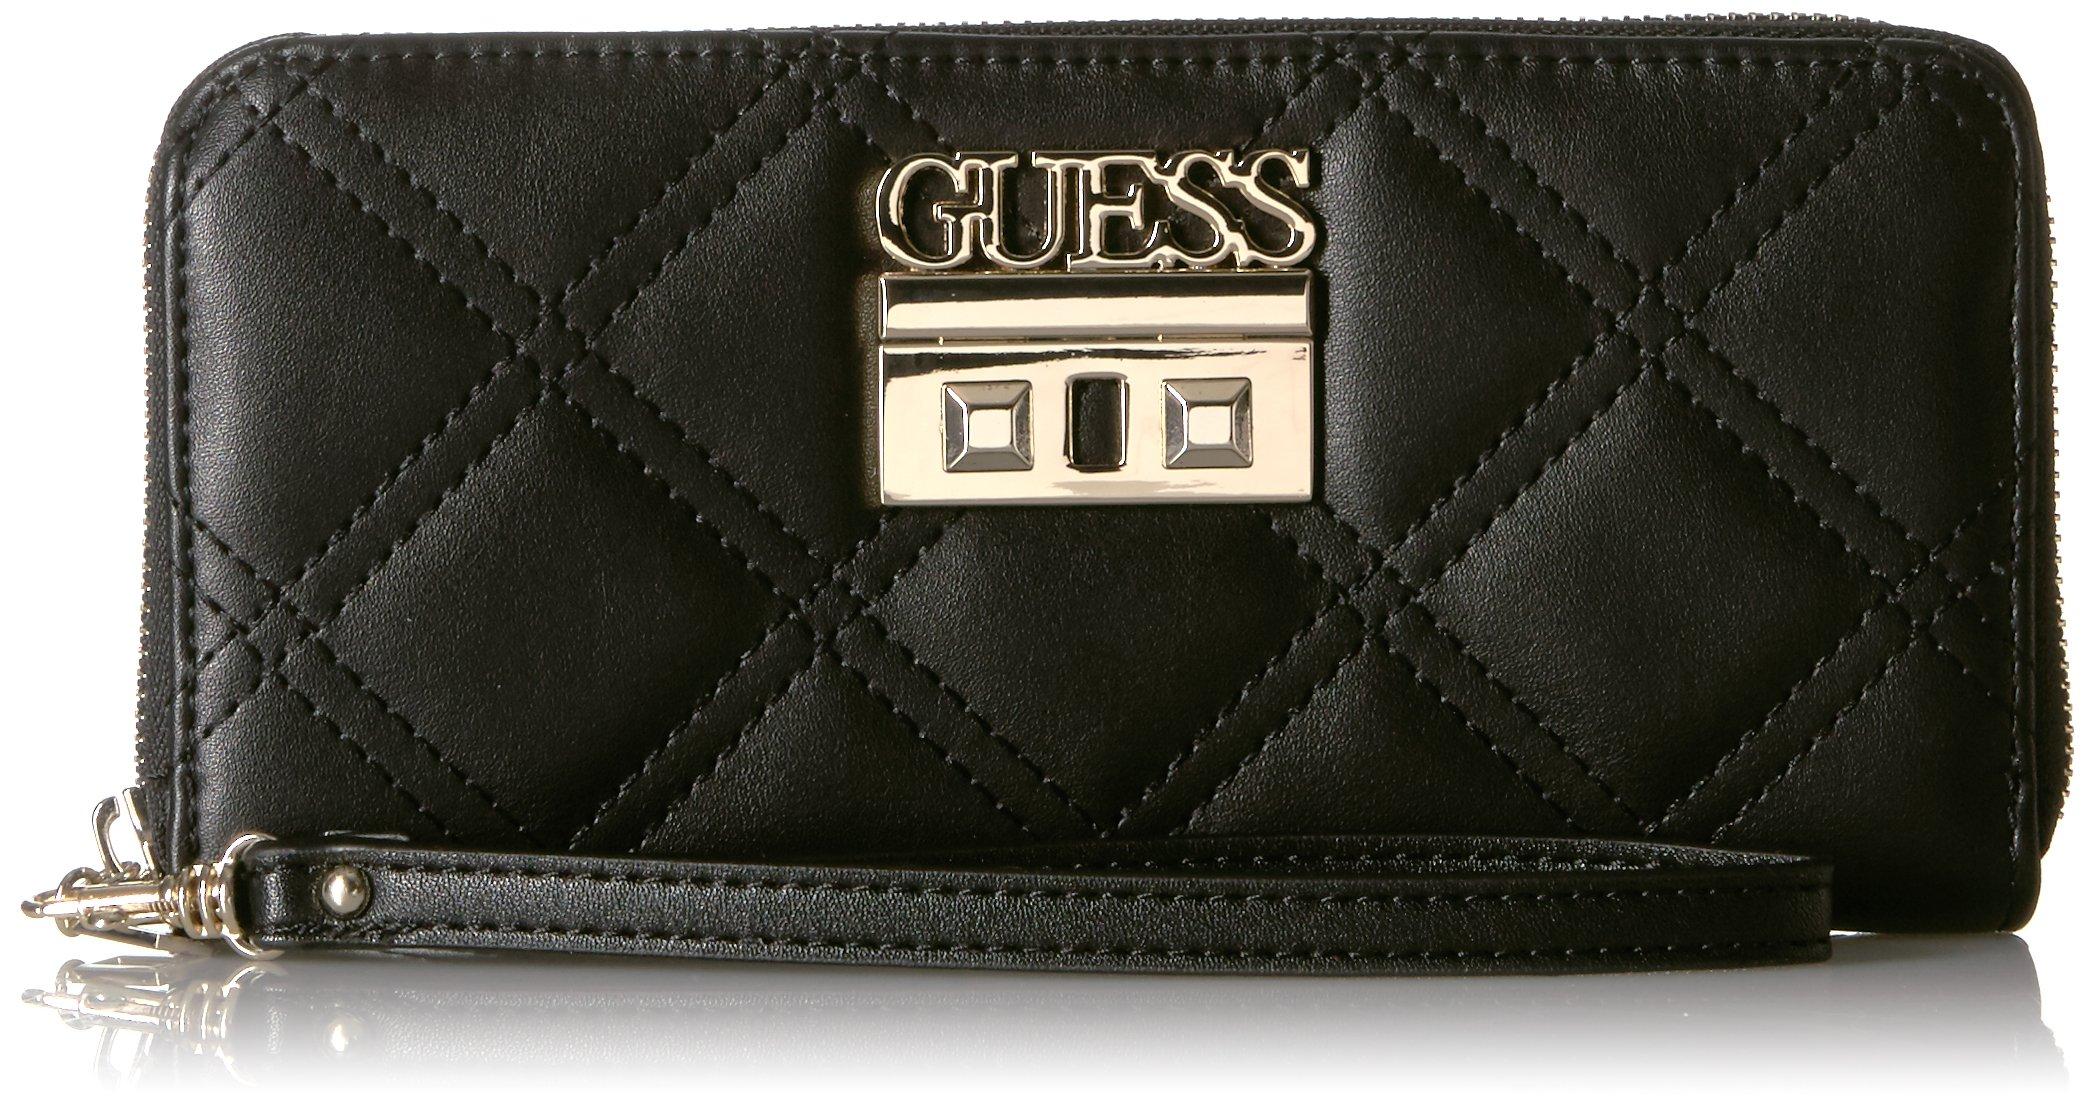 GUESS Status Large Zip Around Wallet Black